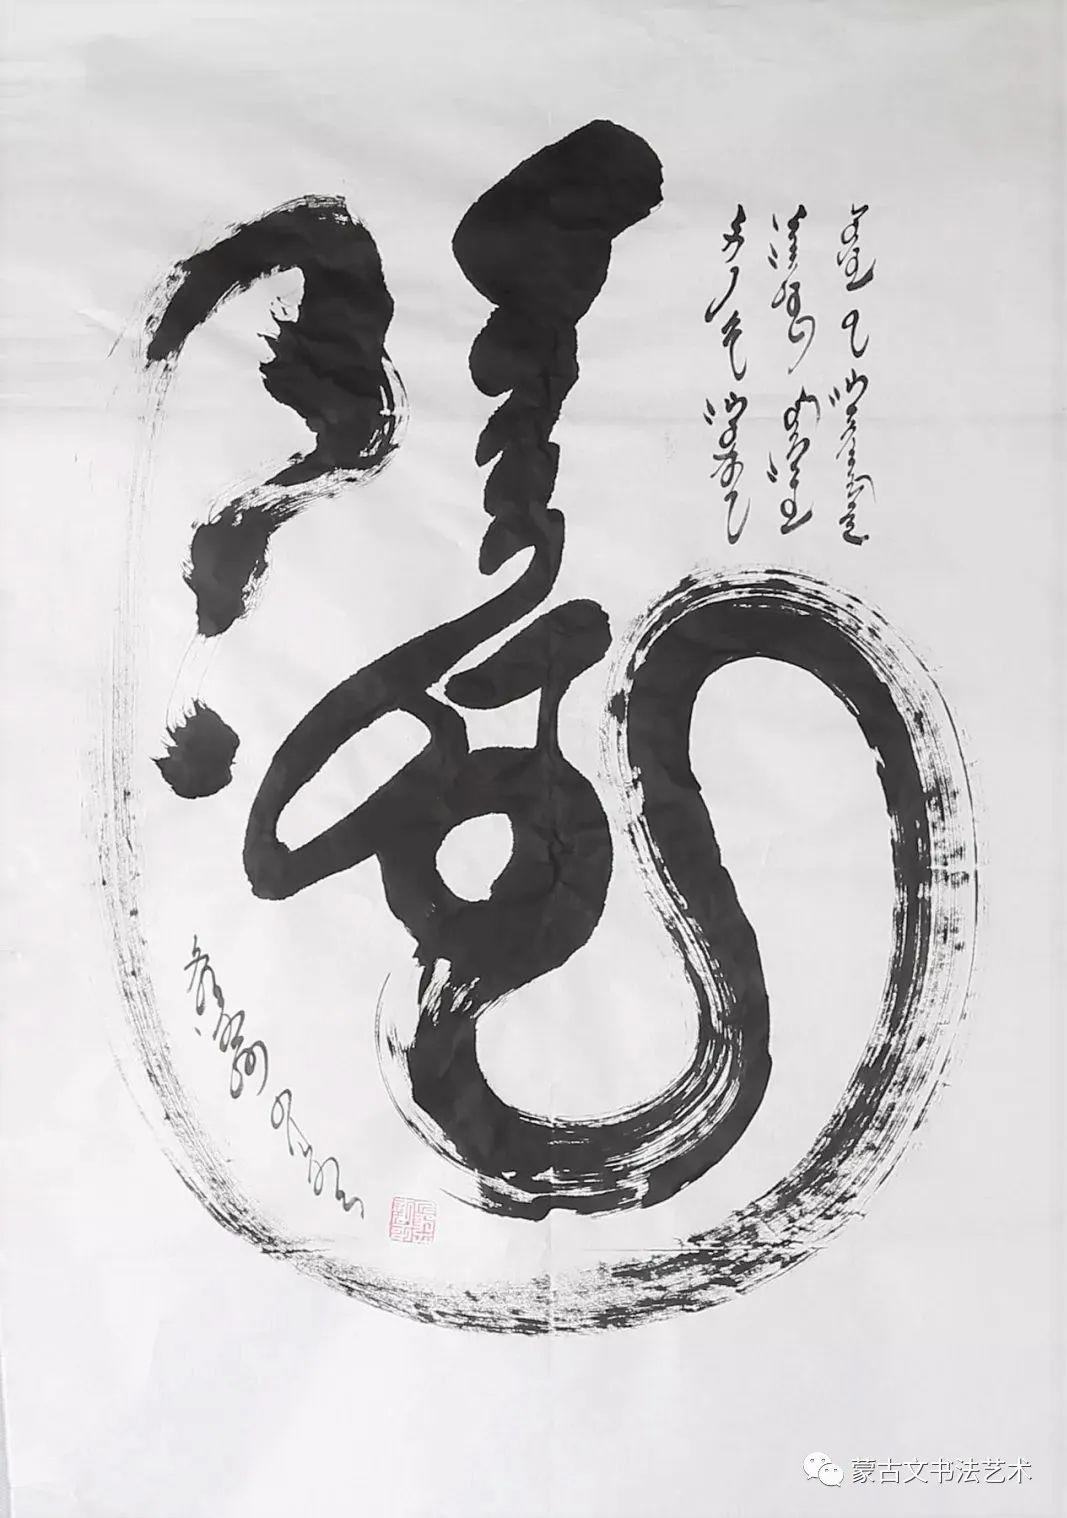 额尔敦巴图蒙古文书法 第2张